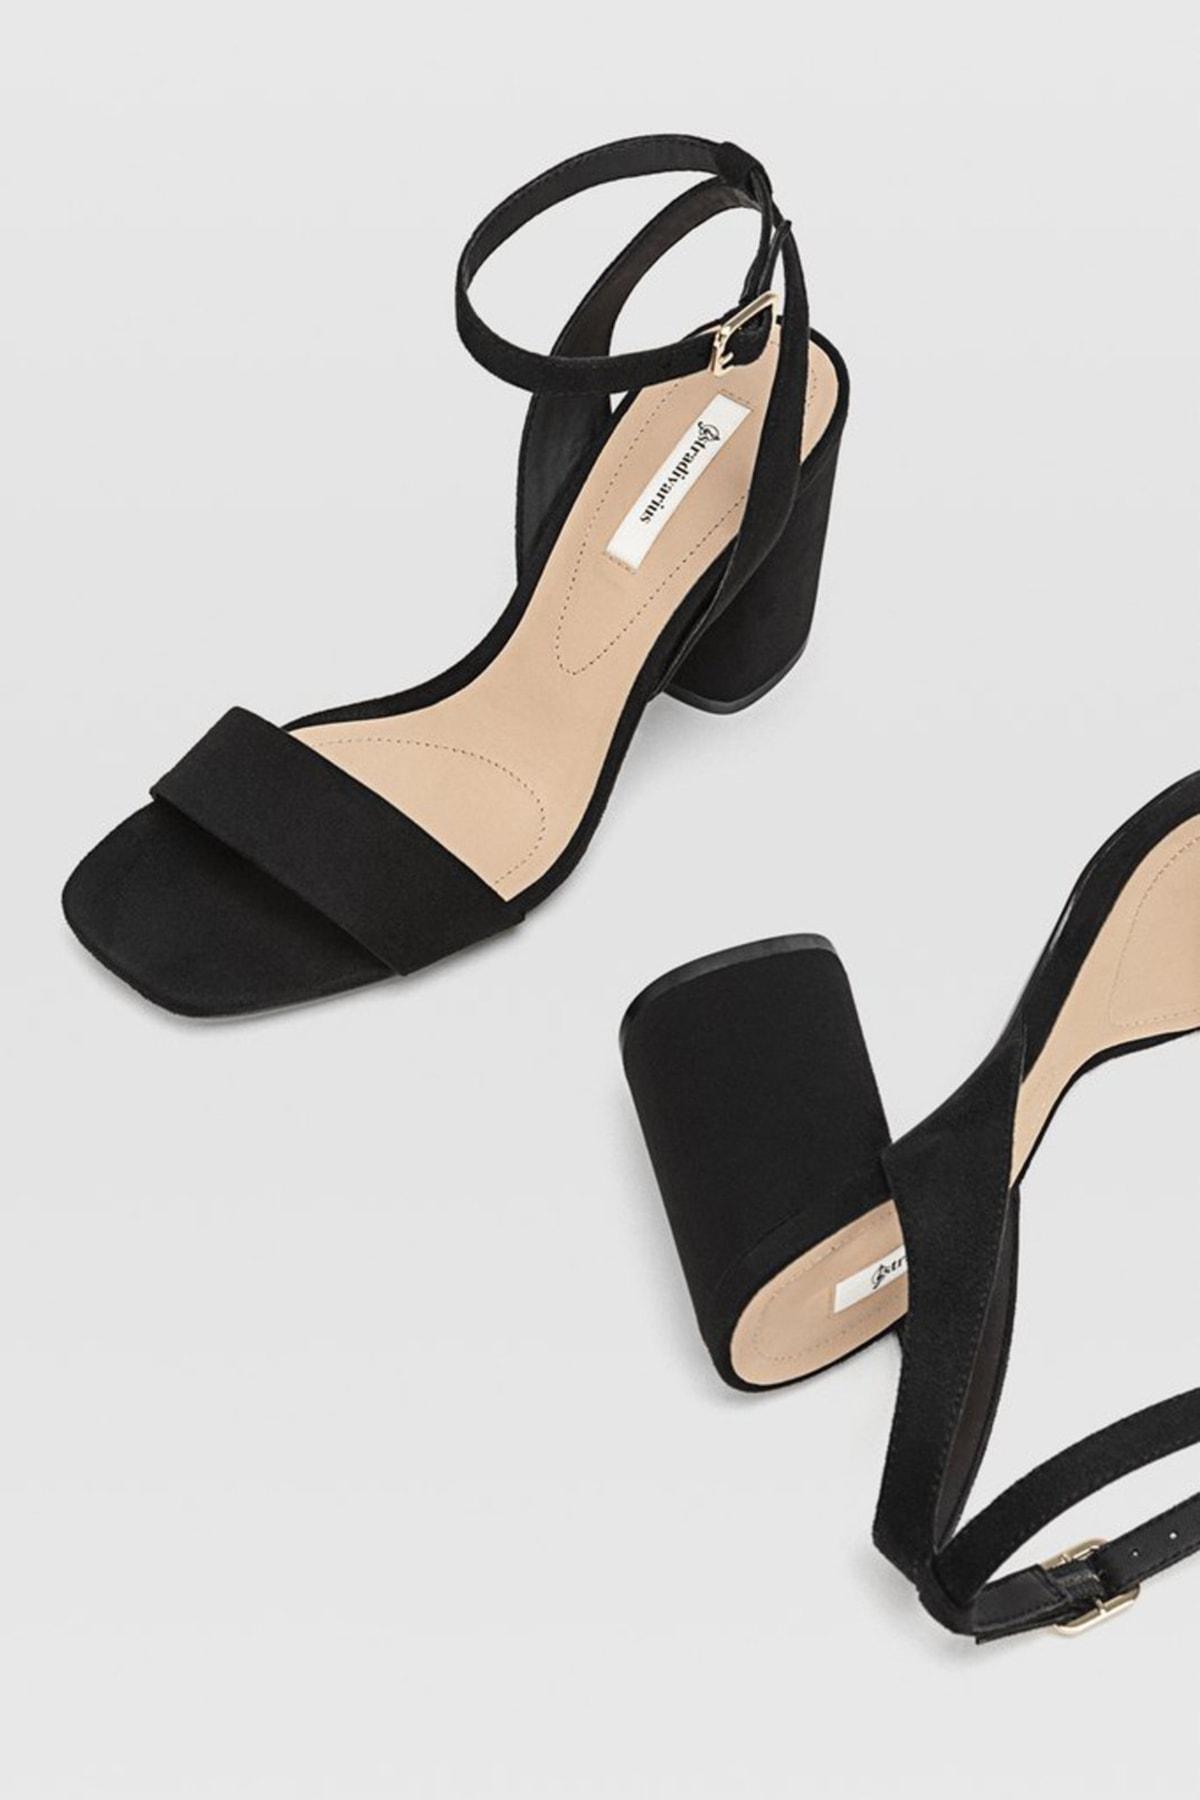 Stradivarius Kadın Siyah Bilekten Bantlı Topuklu Sandalet 19202570 2